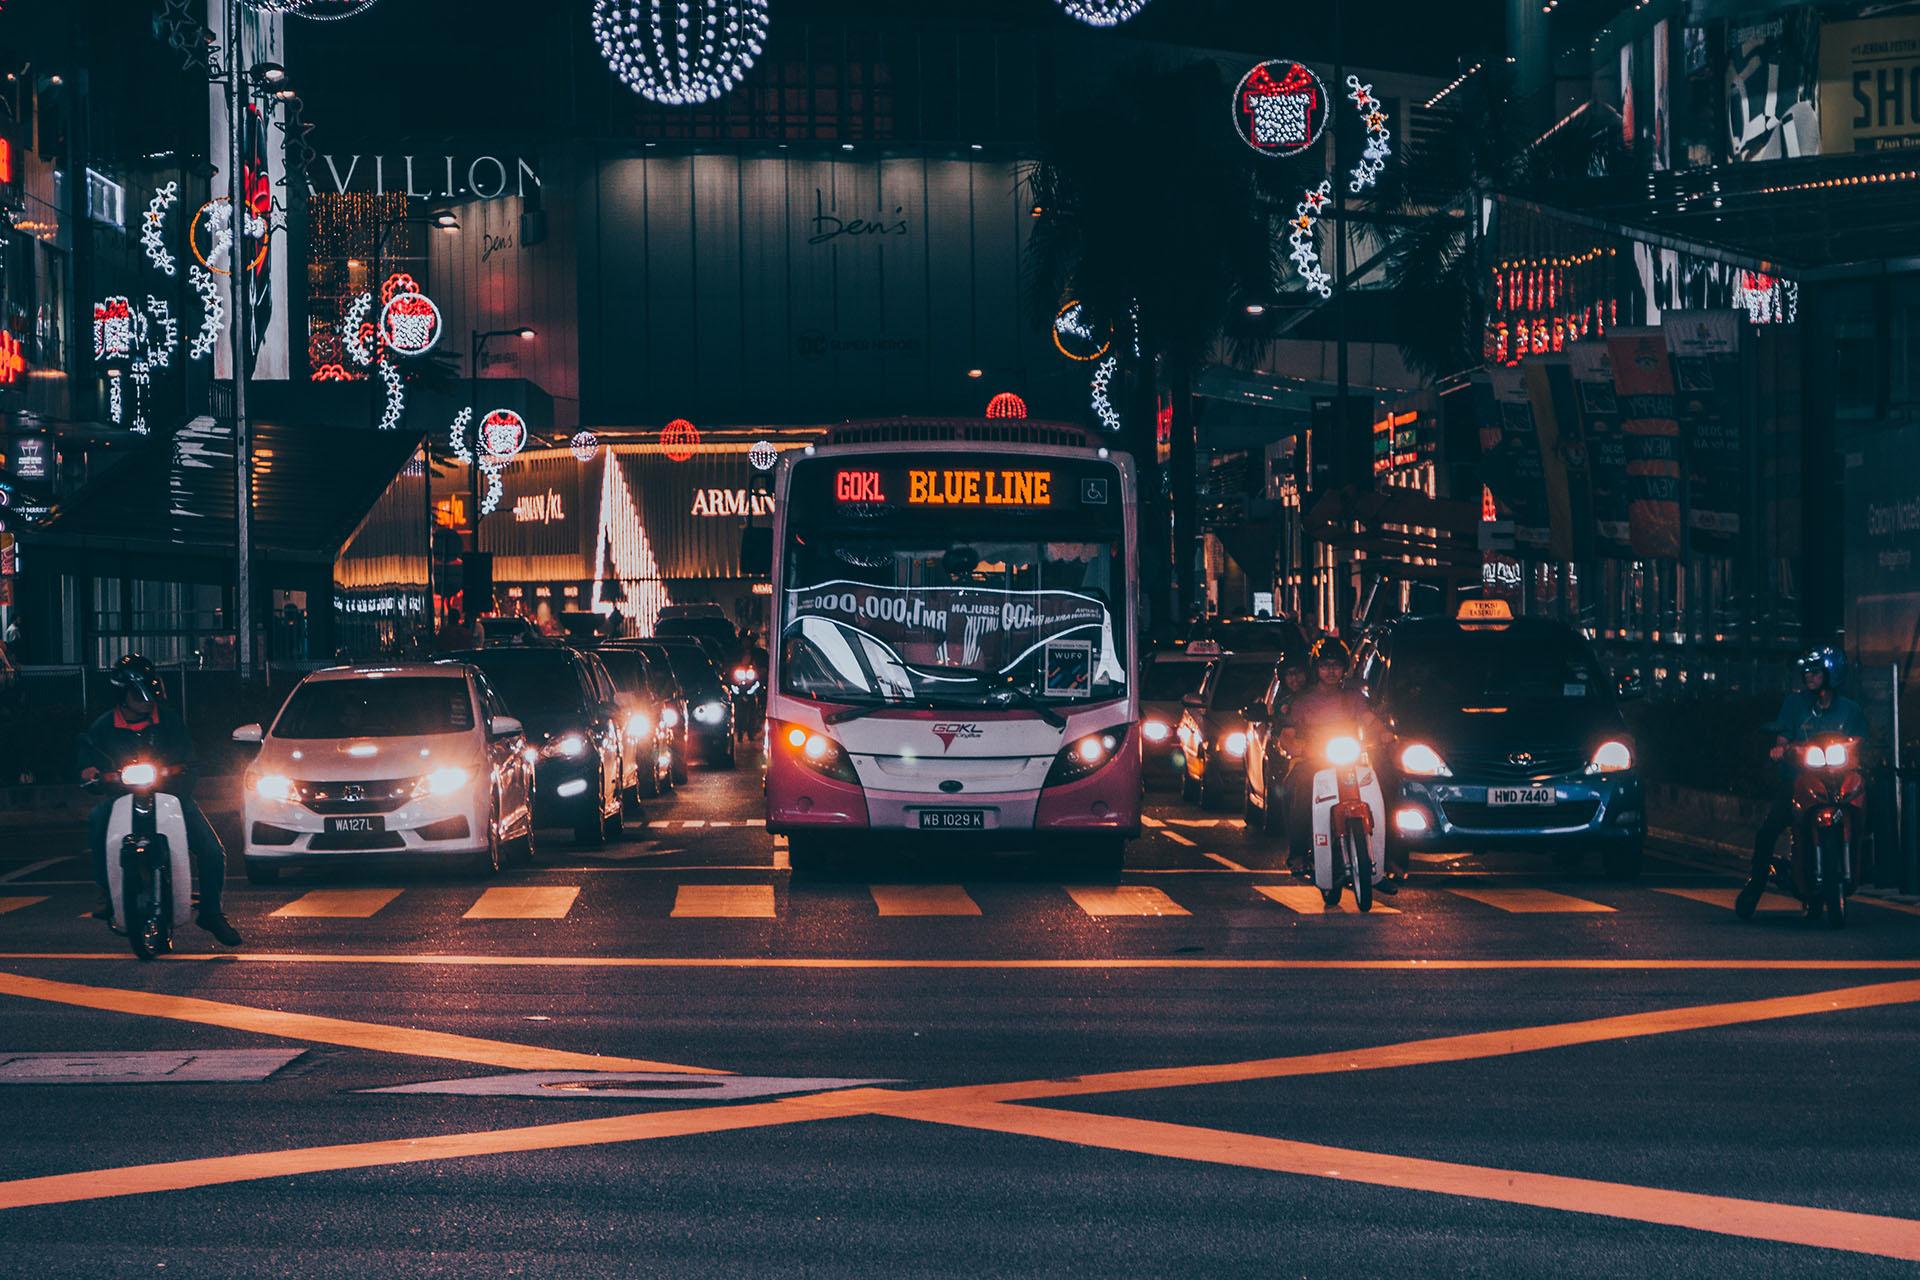 这是马来西亚城市喧闹深处的那一抹夜色